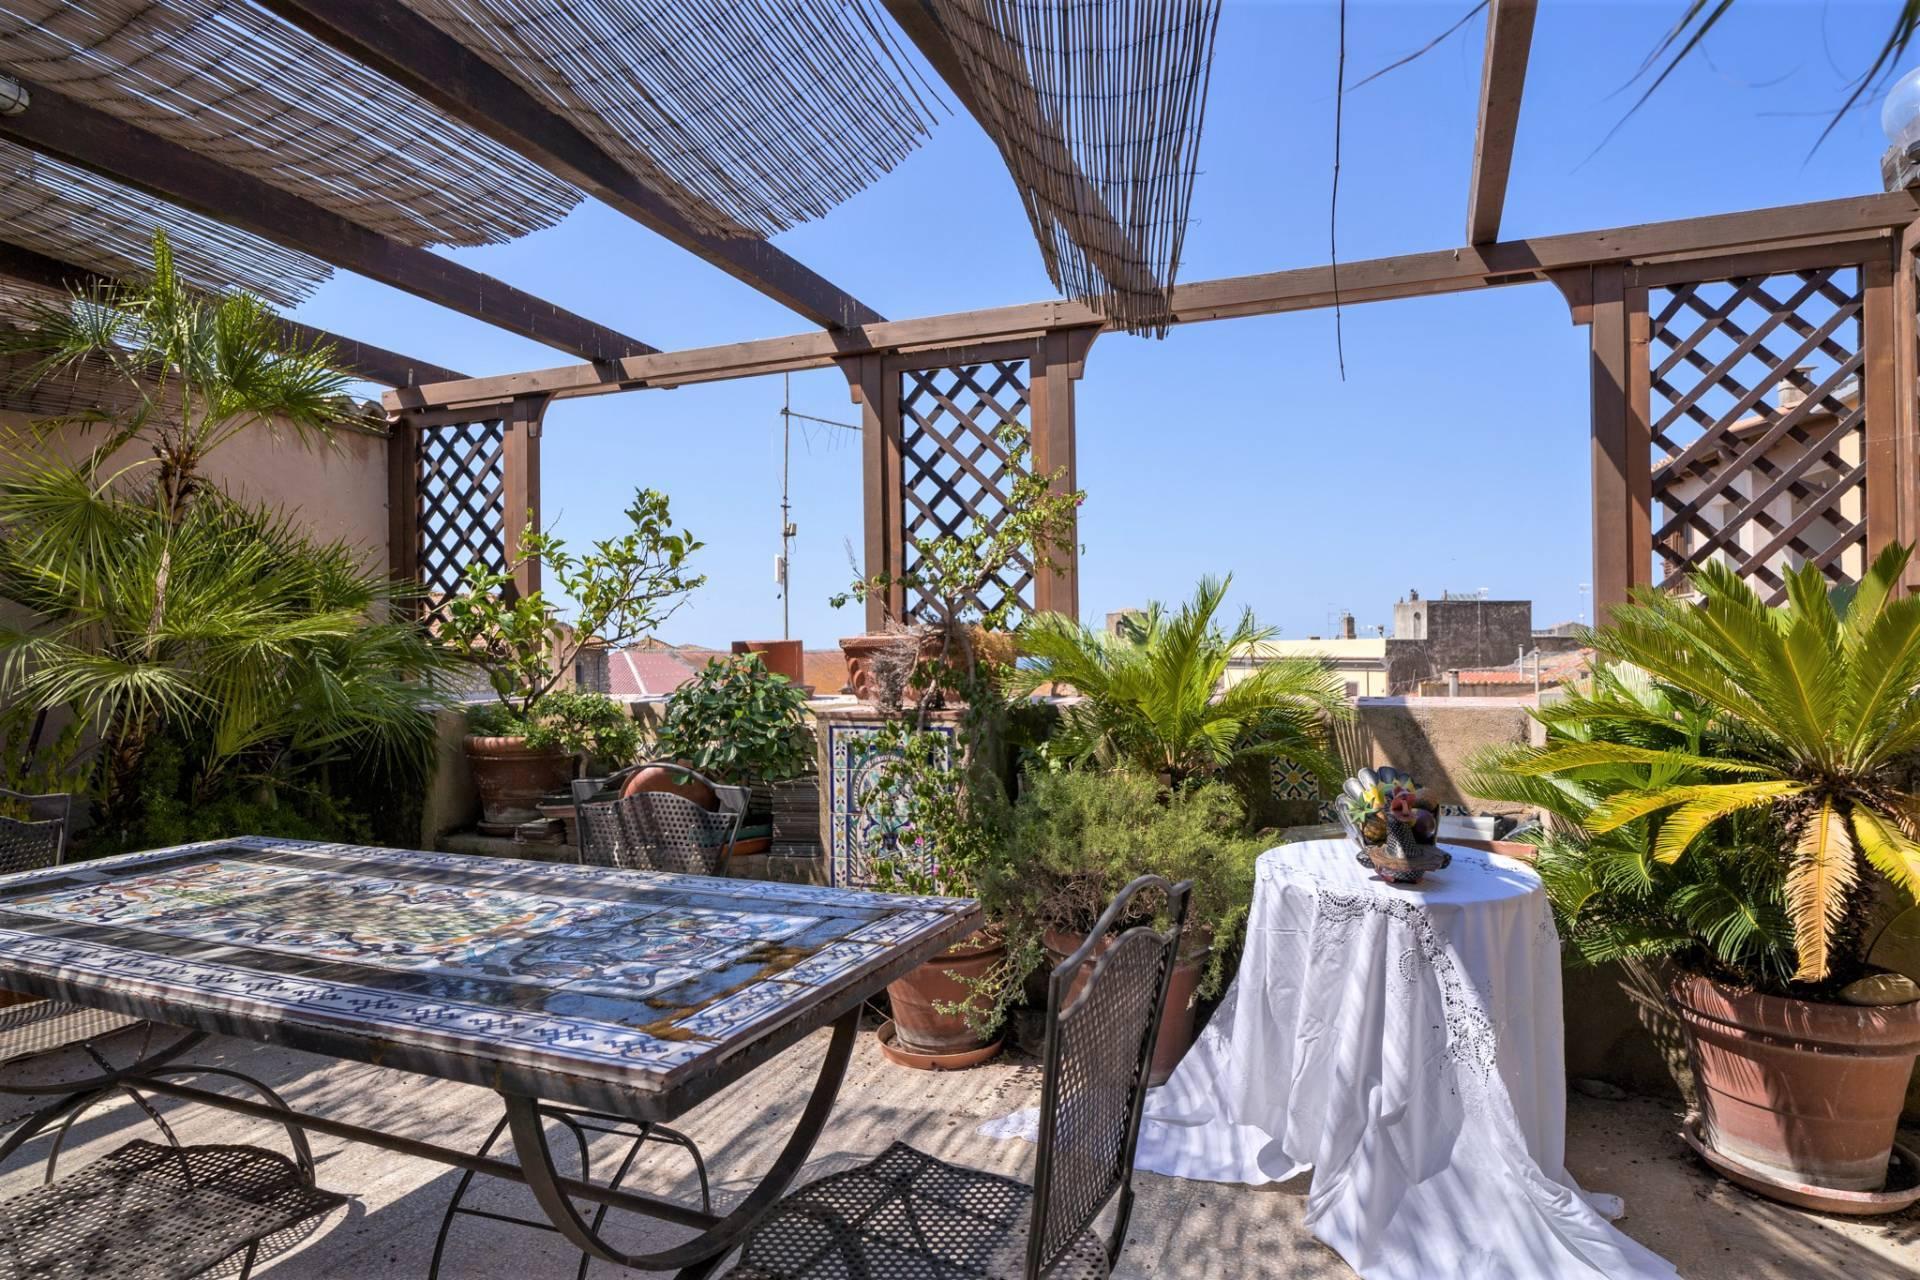 Appartamento in vendita a Tarquinia, 4 locali, zona Località: CentroStorico, prezzo € 155.000   PortaleAgenzieImmobiliari.it